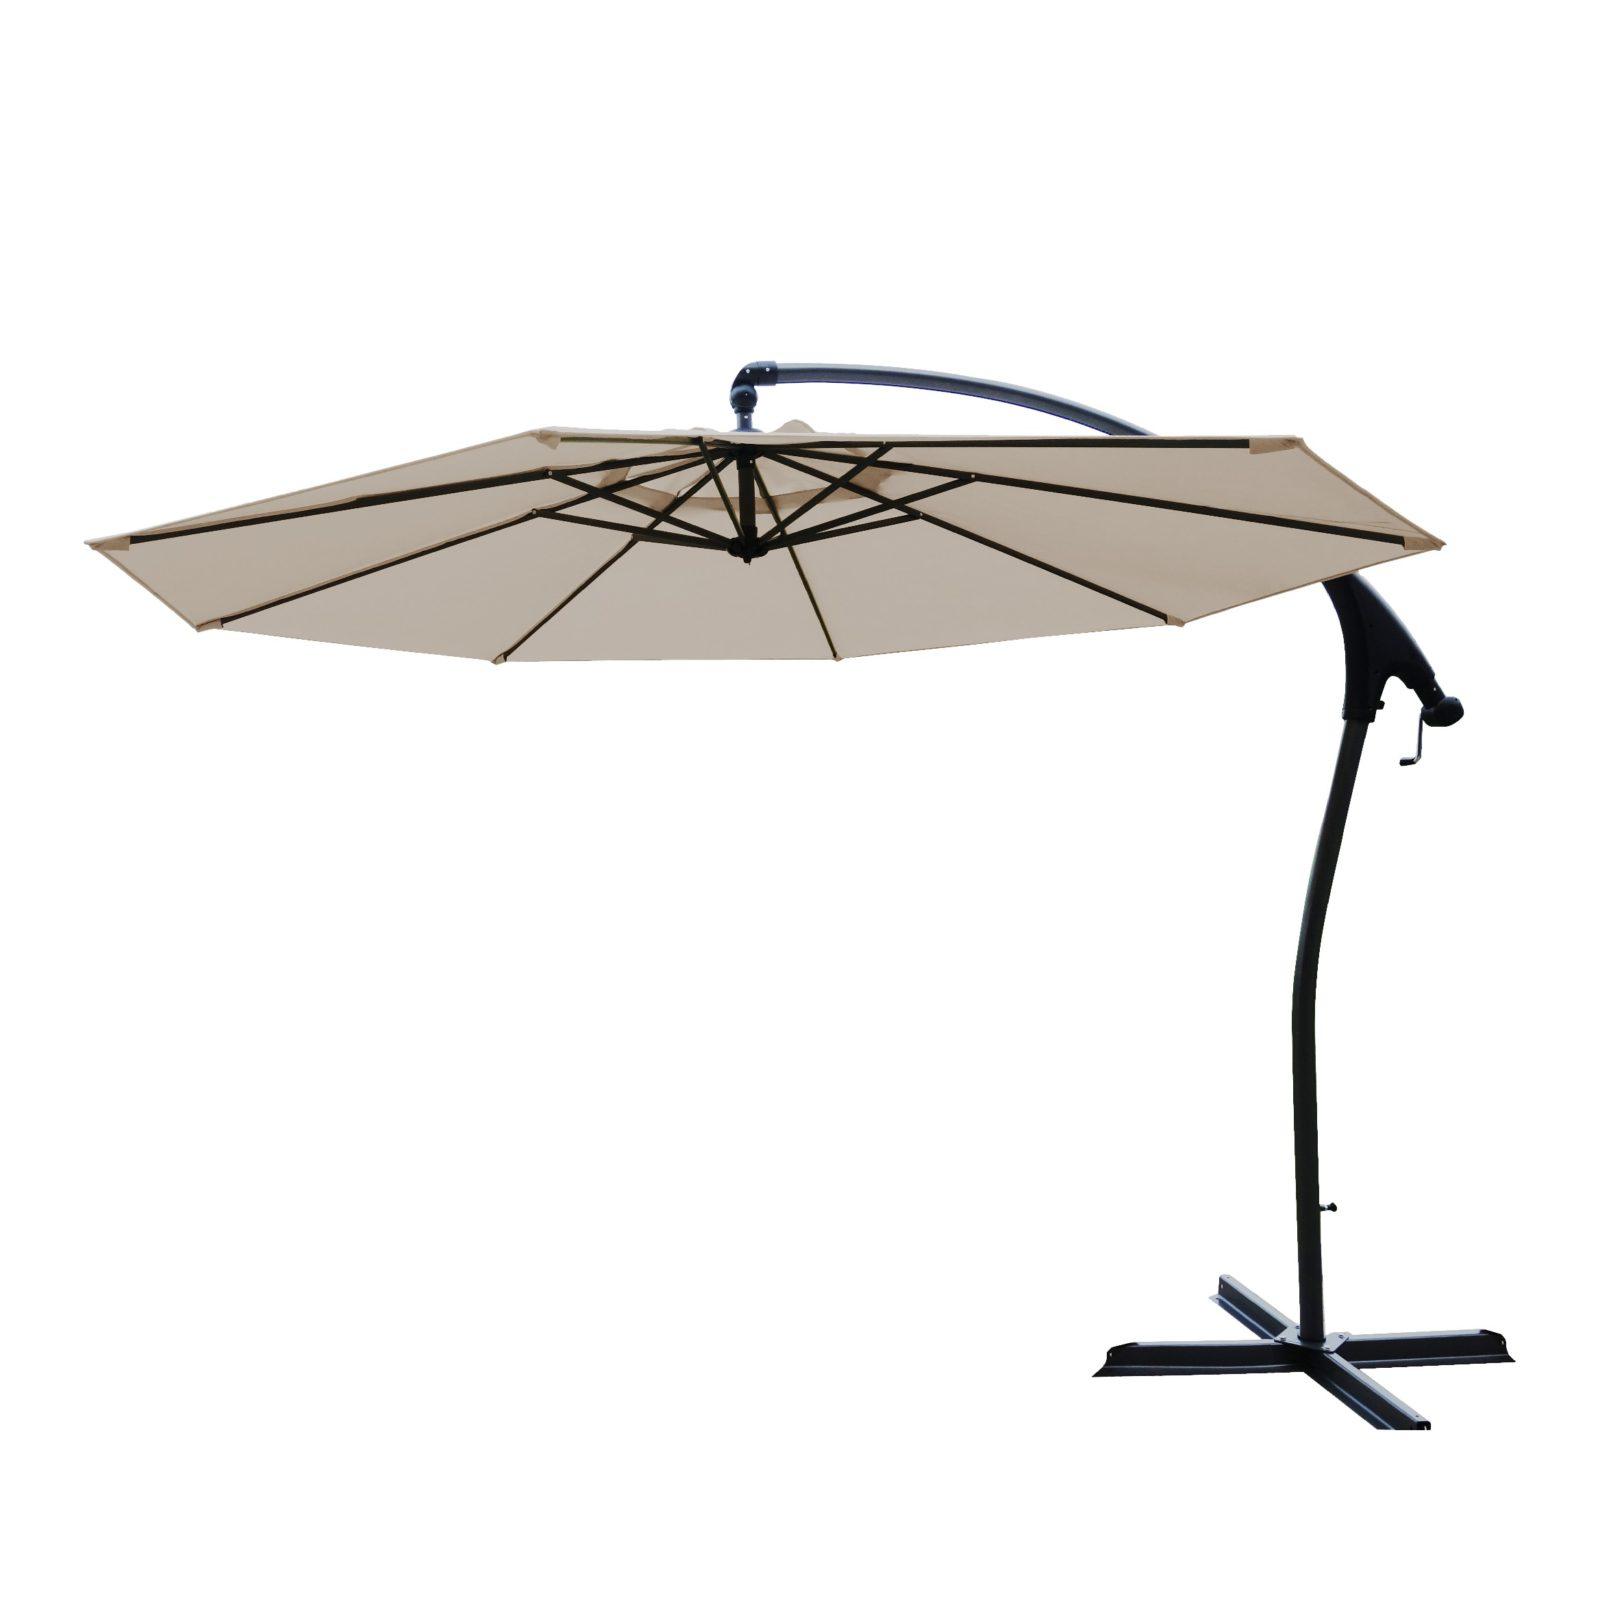 Hartman Tenero parasol 300 cm, beige, taupe dug, UPF50+